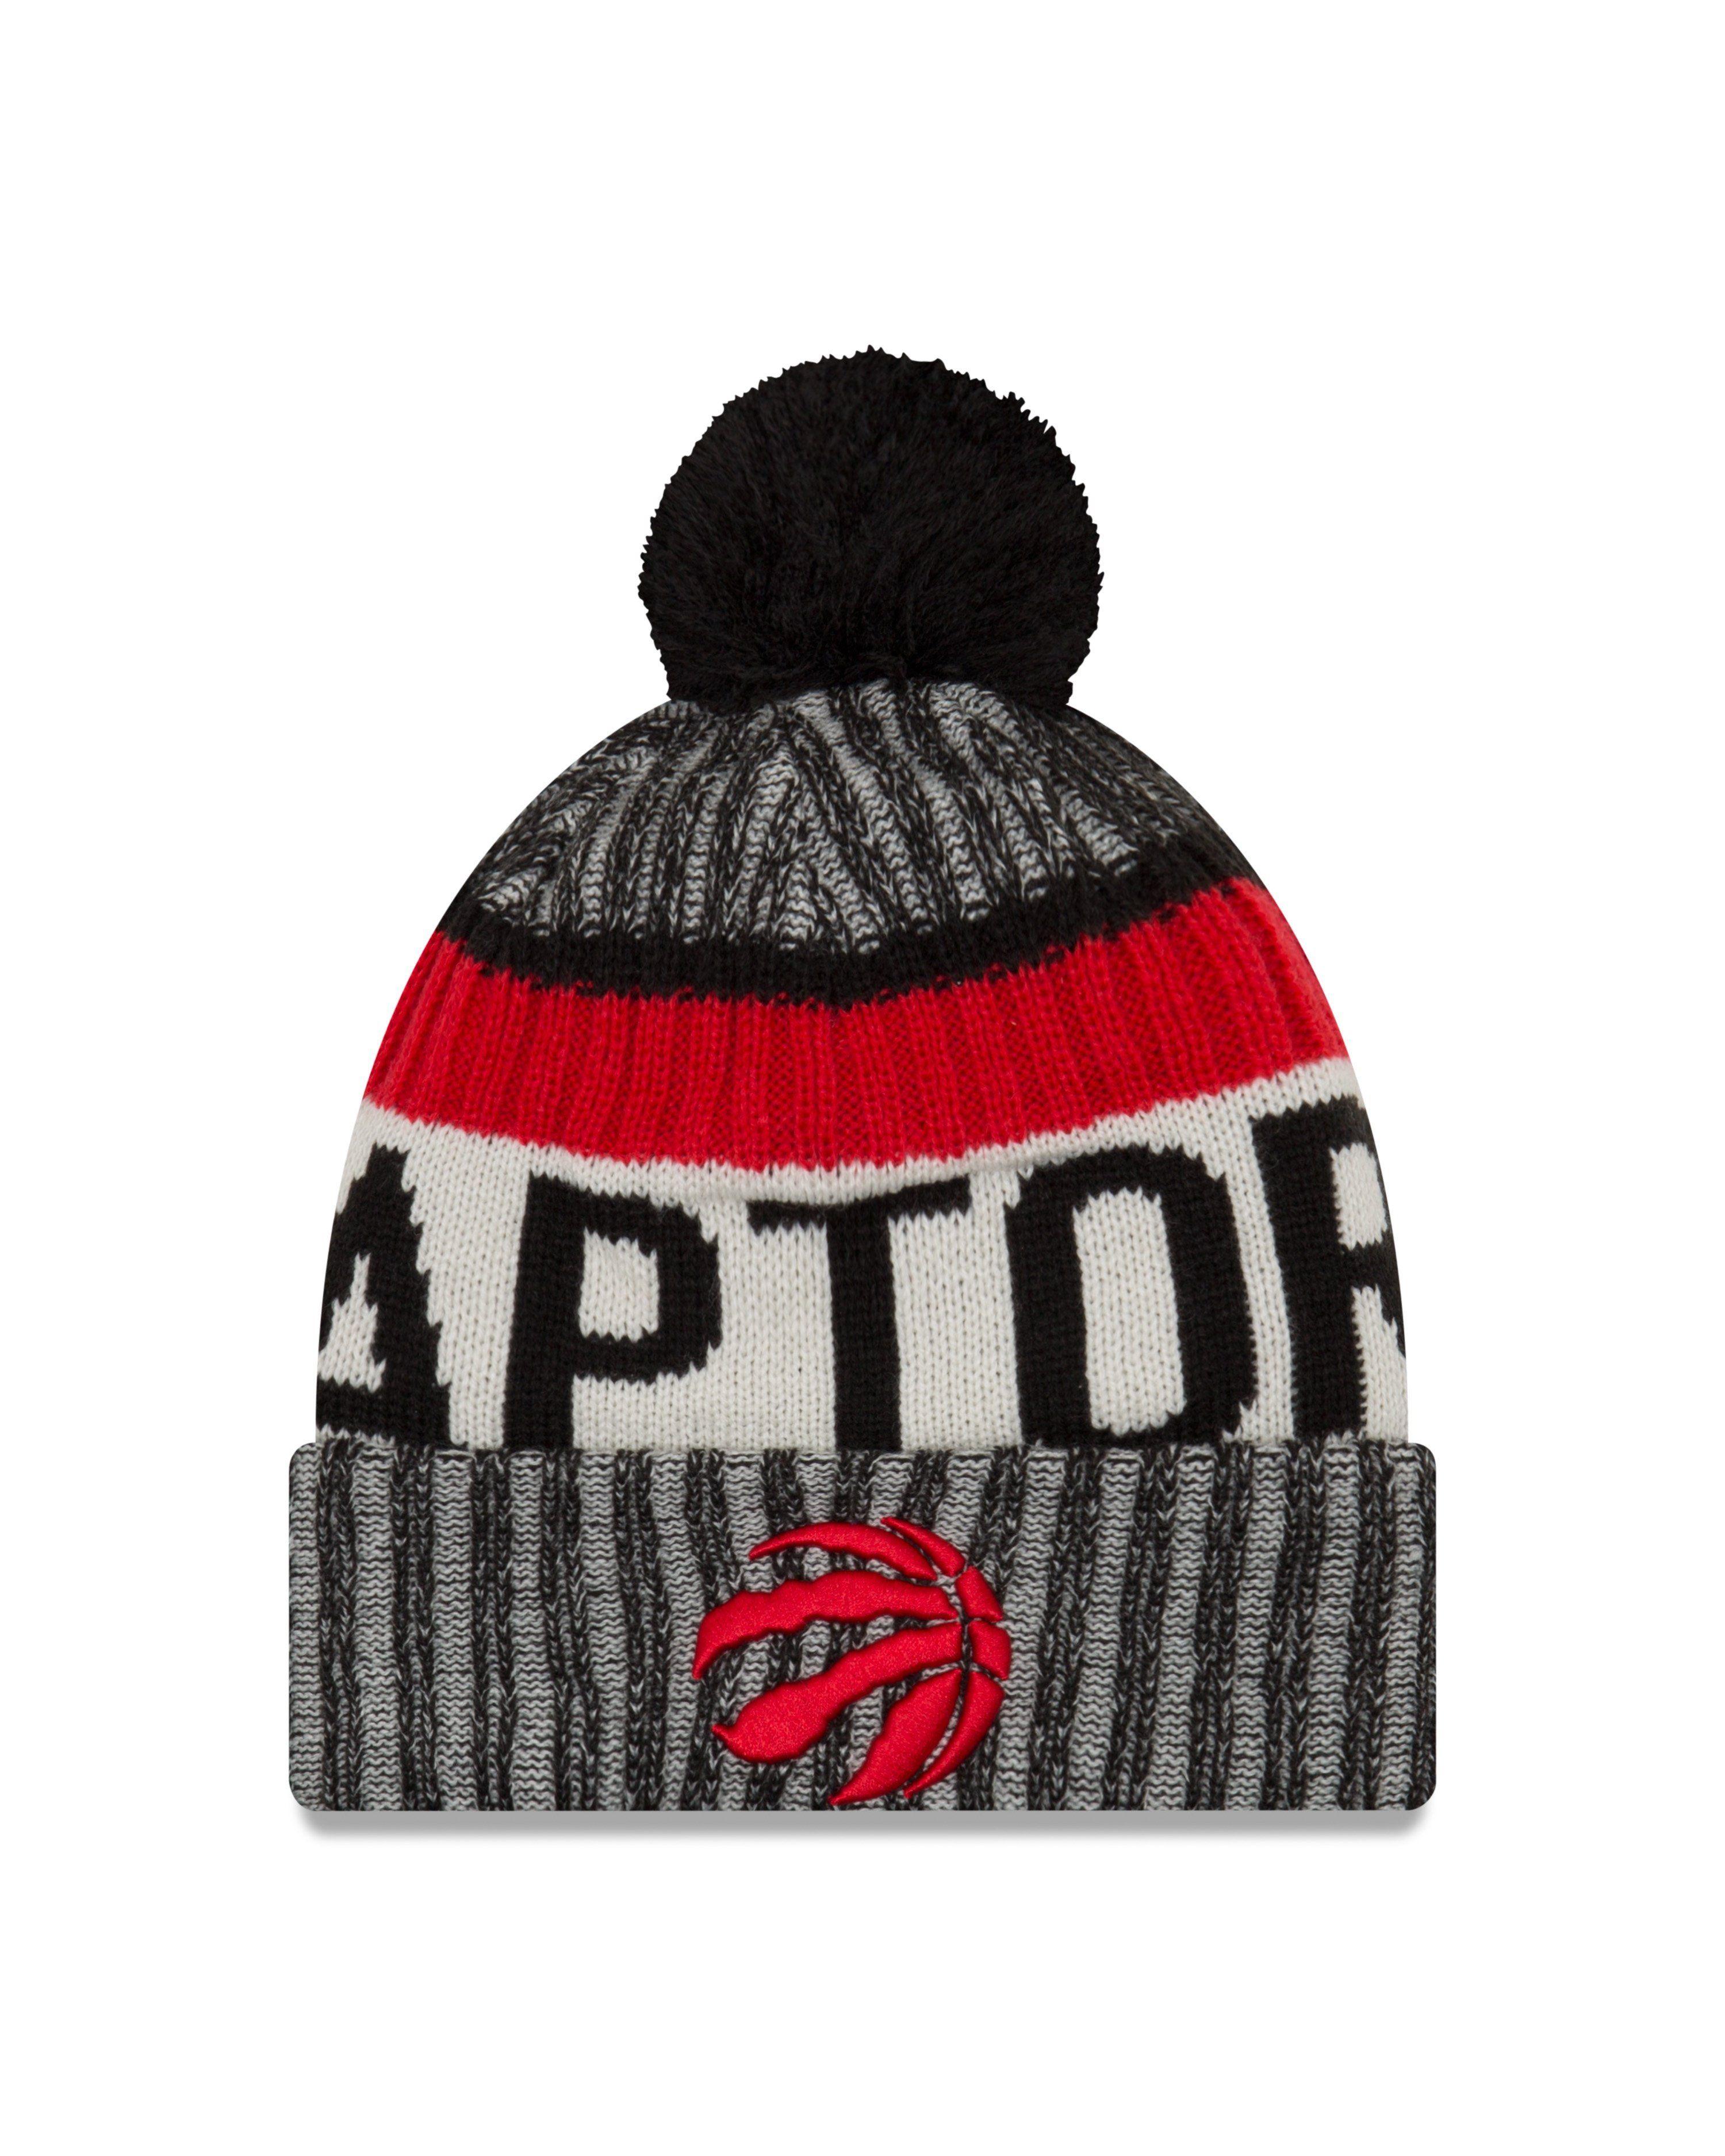 New Era Mens Mens Jets 2017 Sideline Official Sport Knit Hat